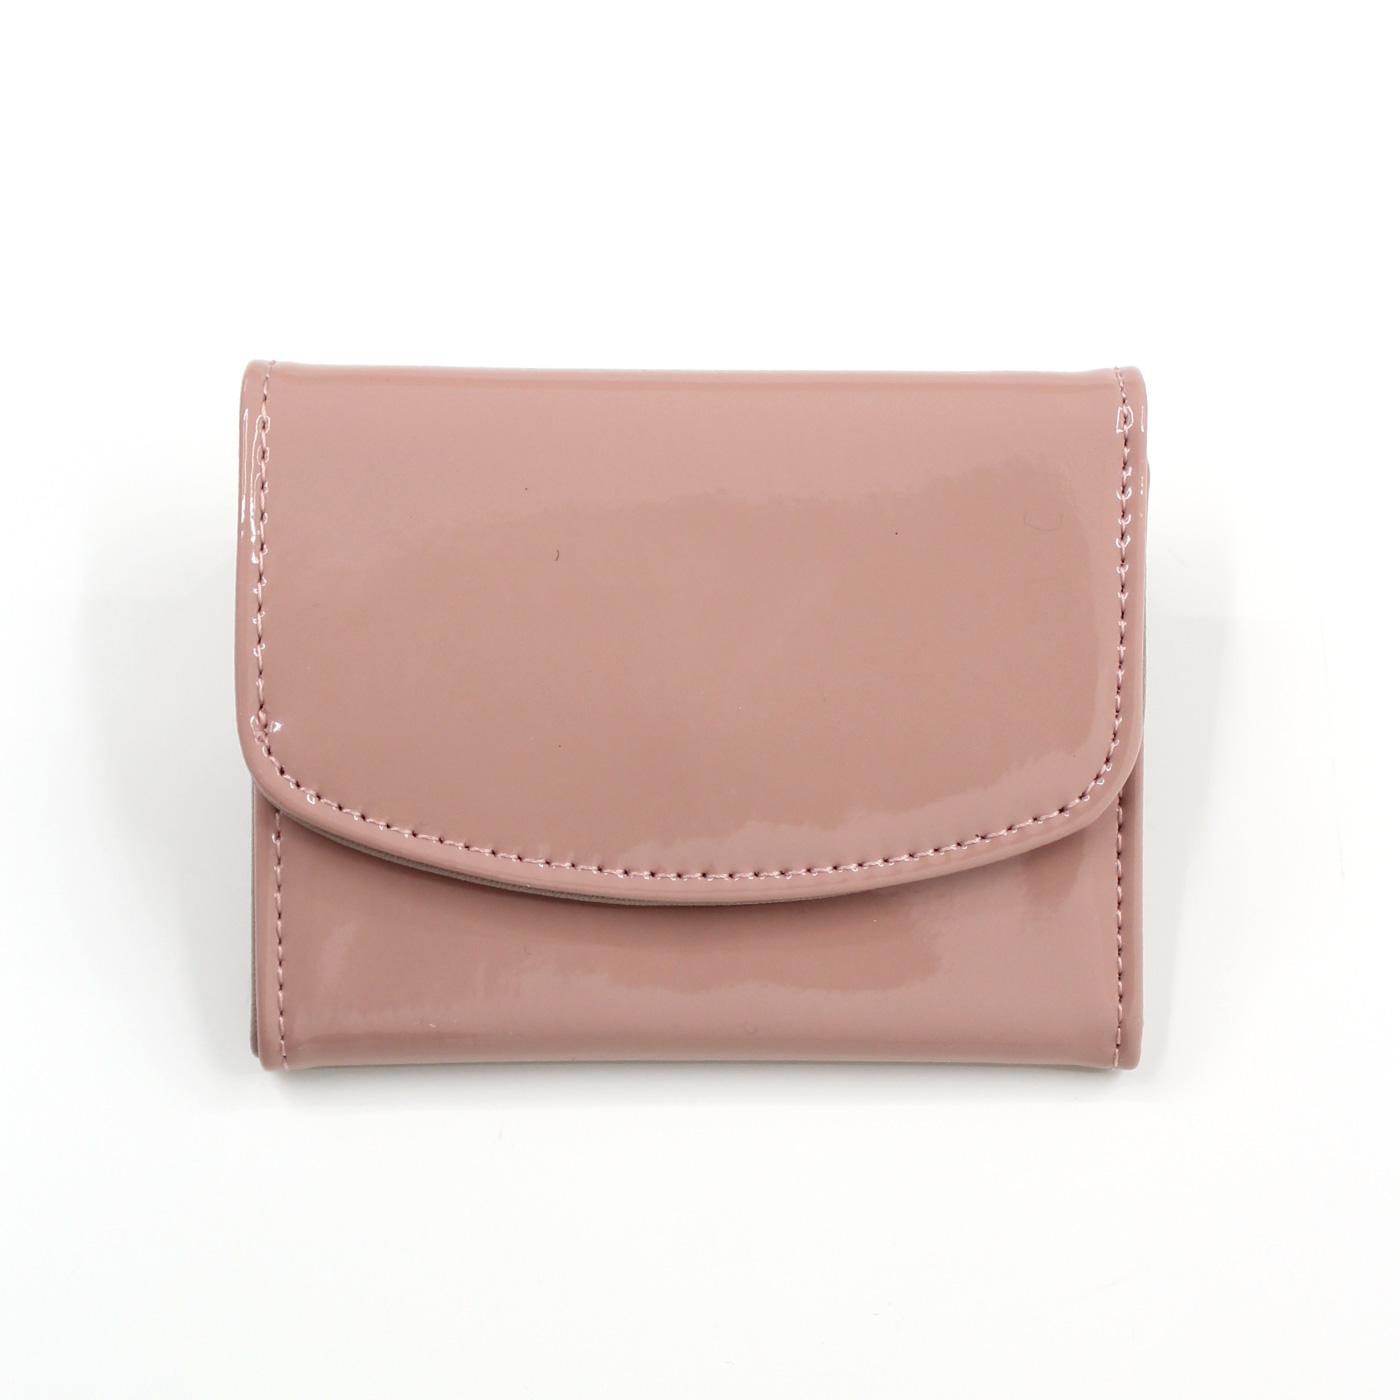 フェリシモ IEDIT[イディット] SELECT エナメル調の折りたたみミニ財布〈ピンク〉